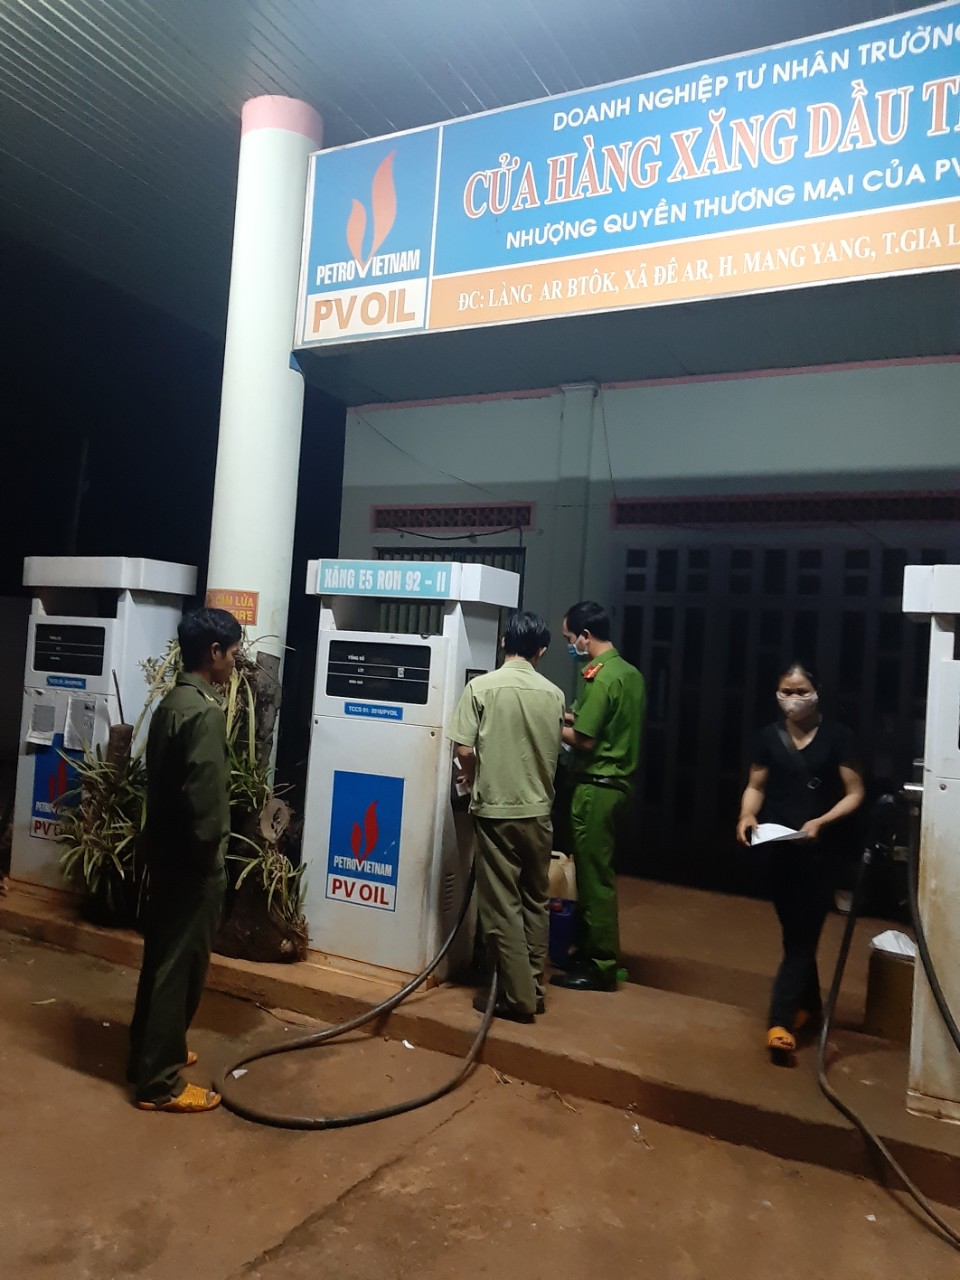 Gia Lai tiếp tục xử phạt 02 cửa hàng kinh doanh xăng dầu bán cao hơn giá niêm yết do thương nhân đầu mối xăng dầu quy định.